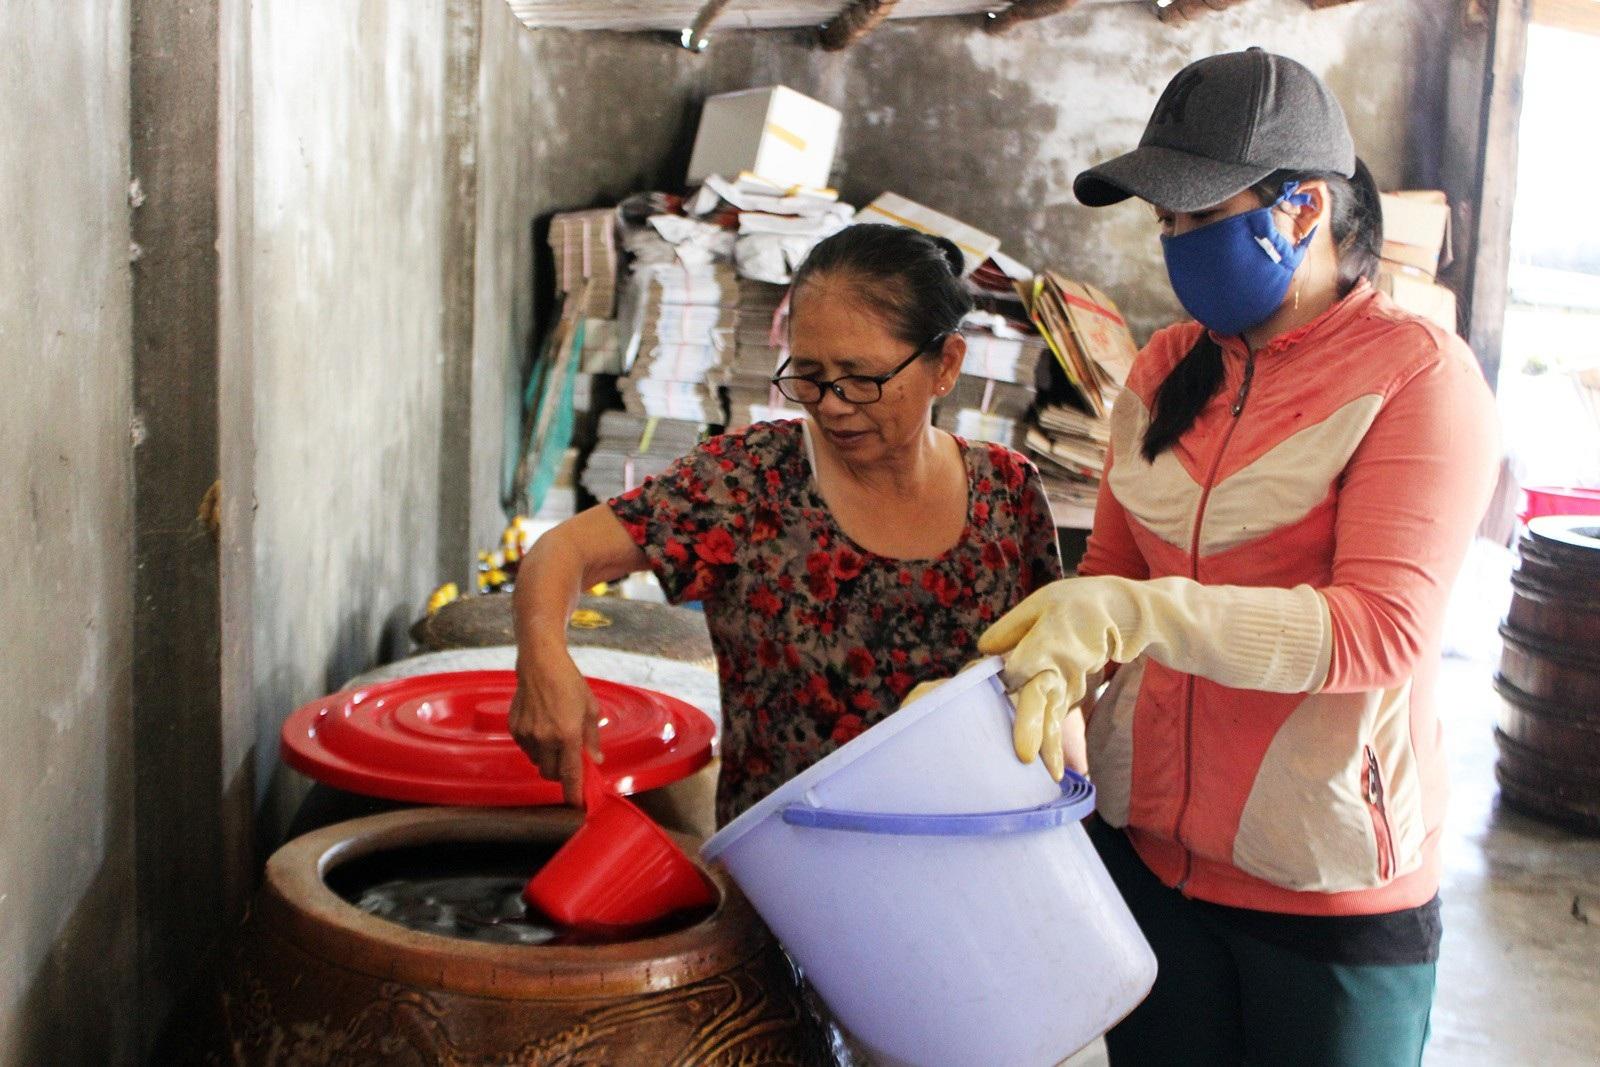 Giáp Tết: Làng nghề nước mắm Phú Yên nhộn nhịp vào vụ - Ảnh 3.